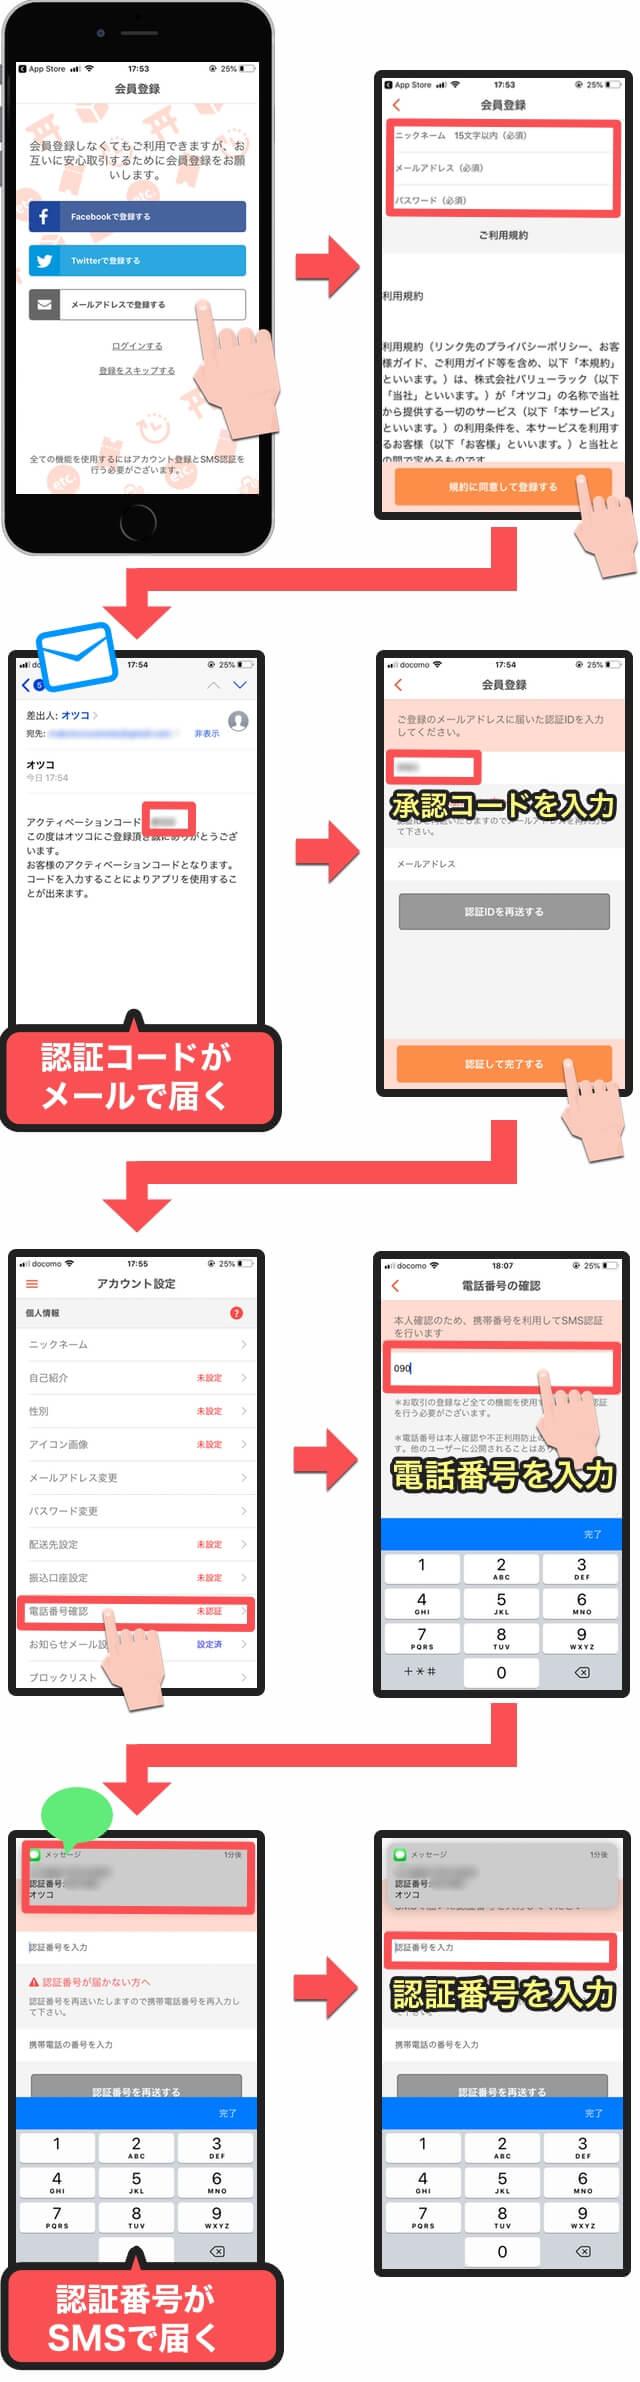 「オツコ」ユーザー登録方法手順